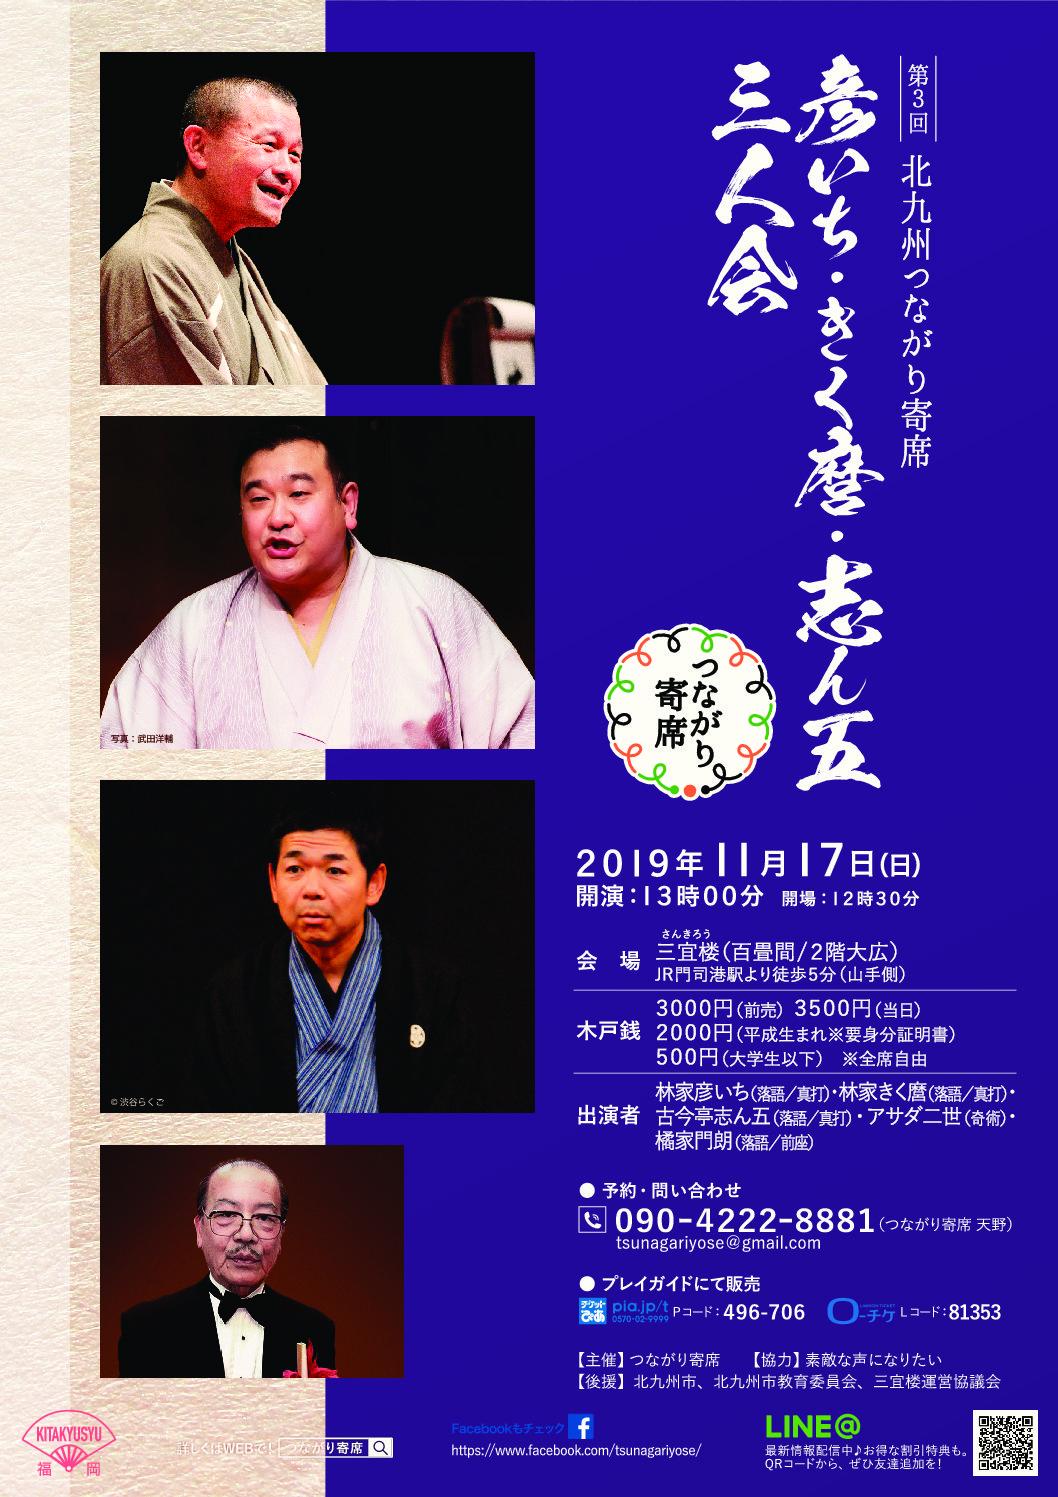 【11月17日開催】第3回北九州つながり寄席「彦いち・きく麿・志ん五 三人会」